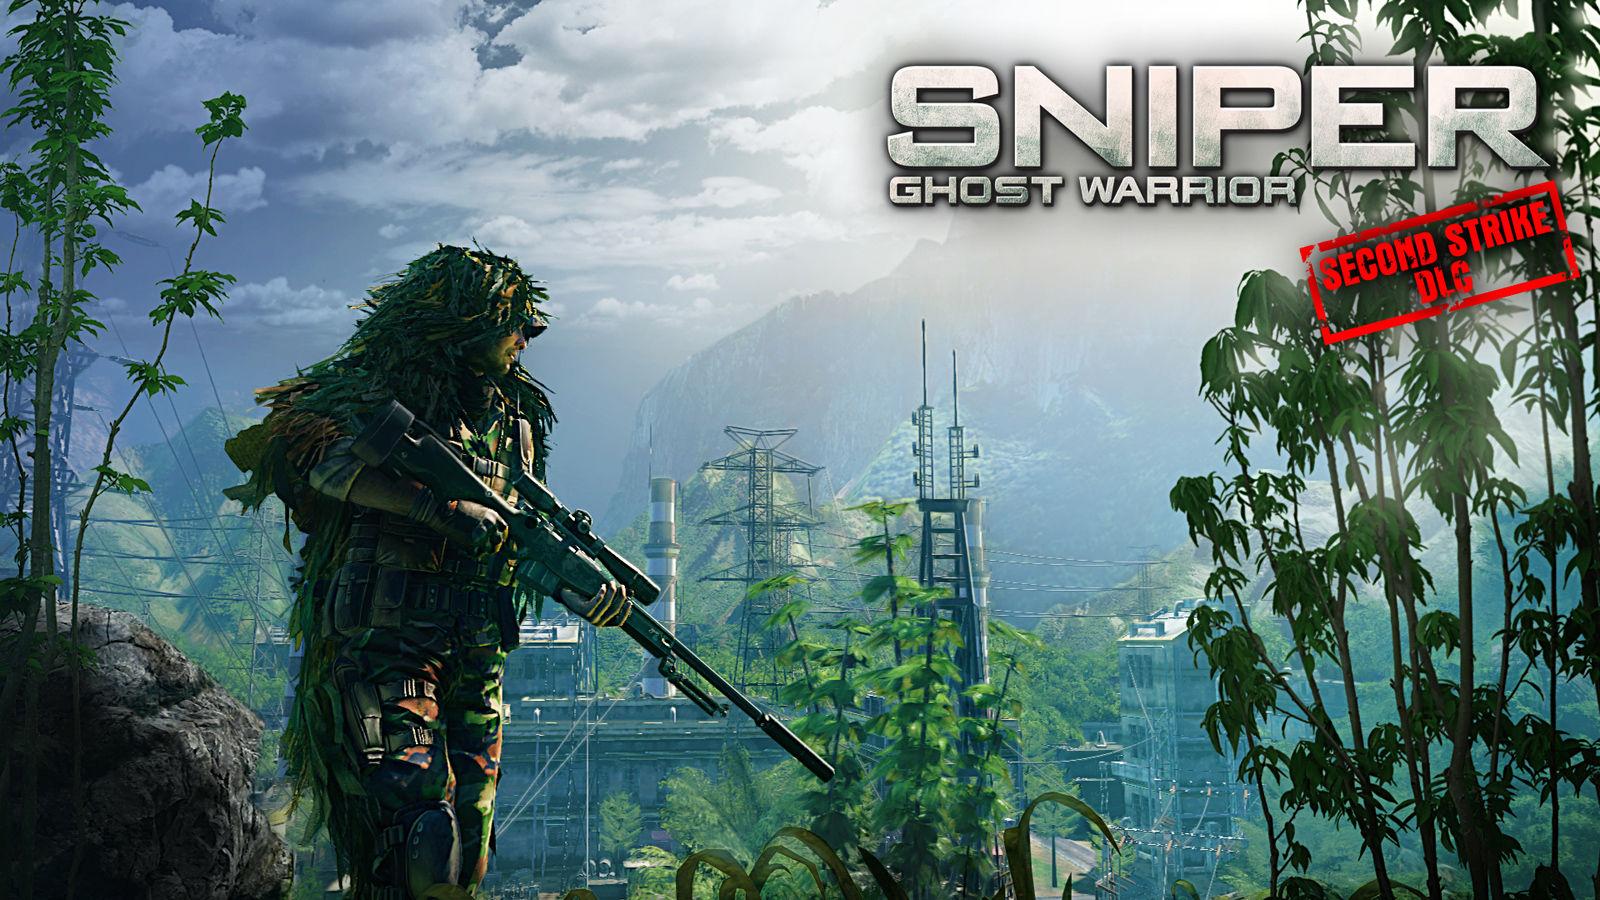 Скачать снайпер воин 2 призрак с торрента.